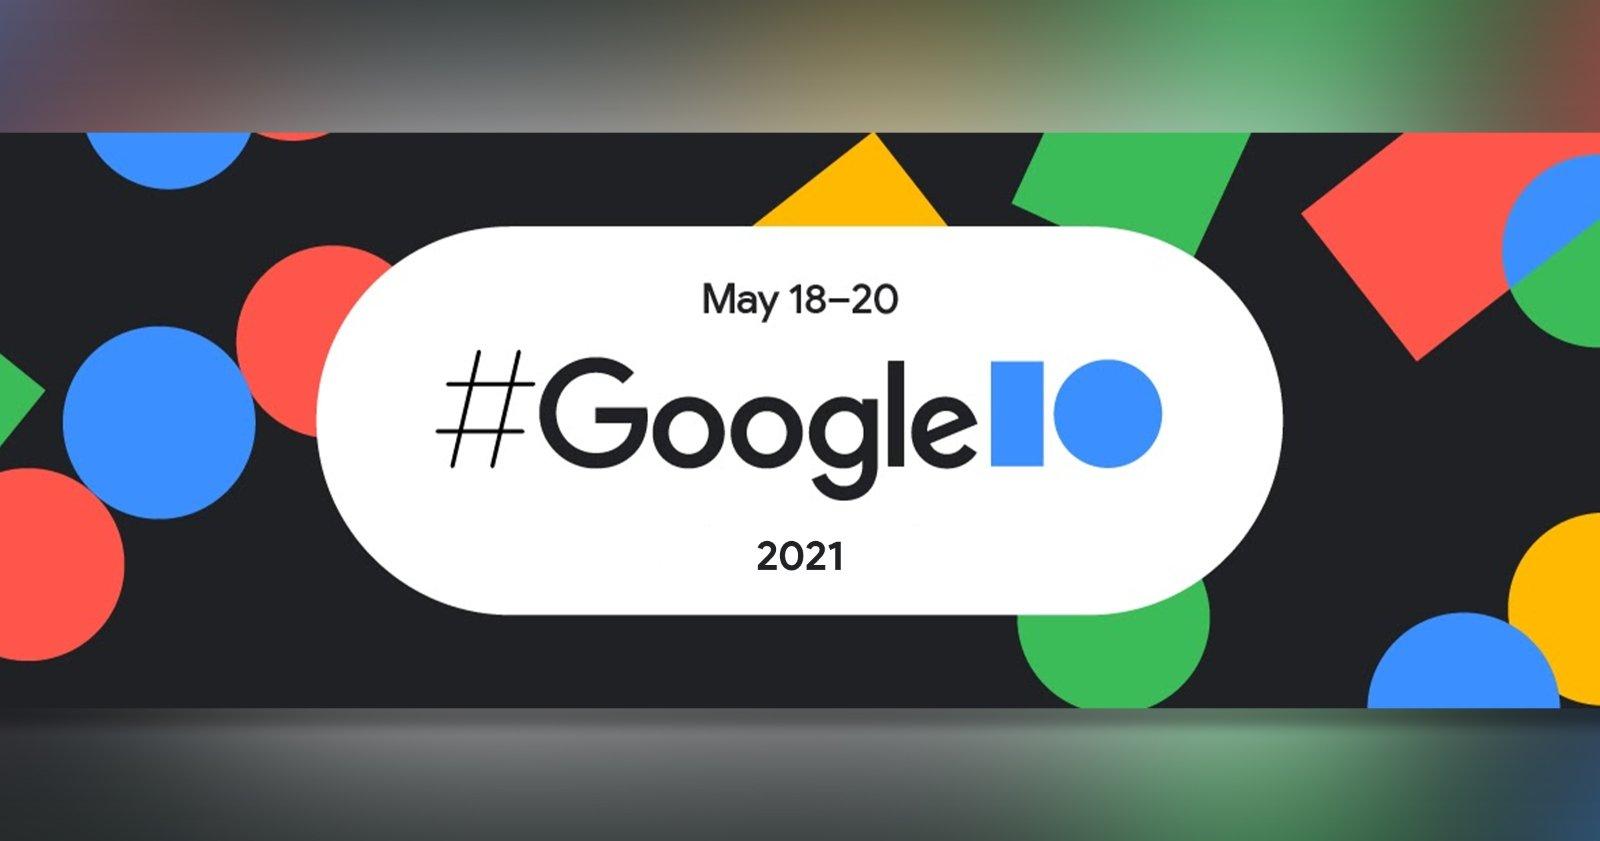 Google IO 2021, affiche officielle